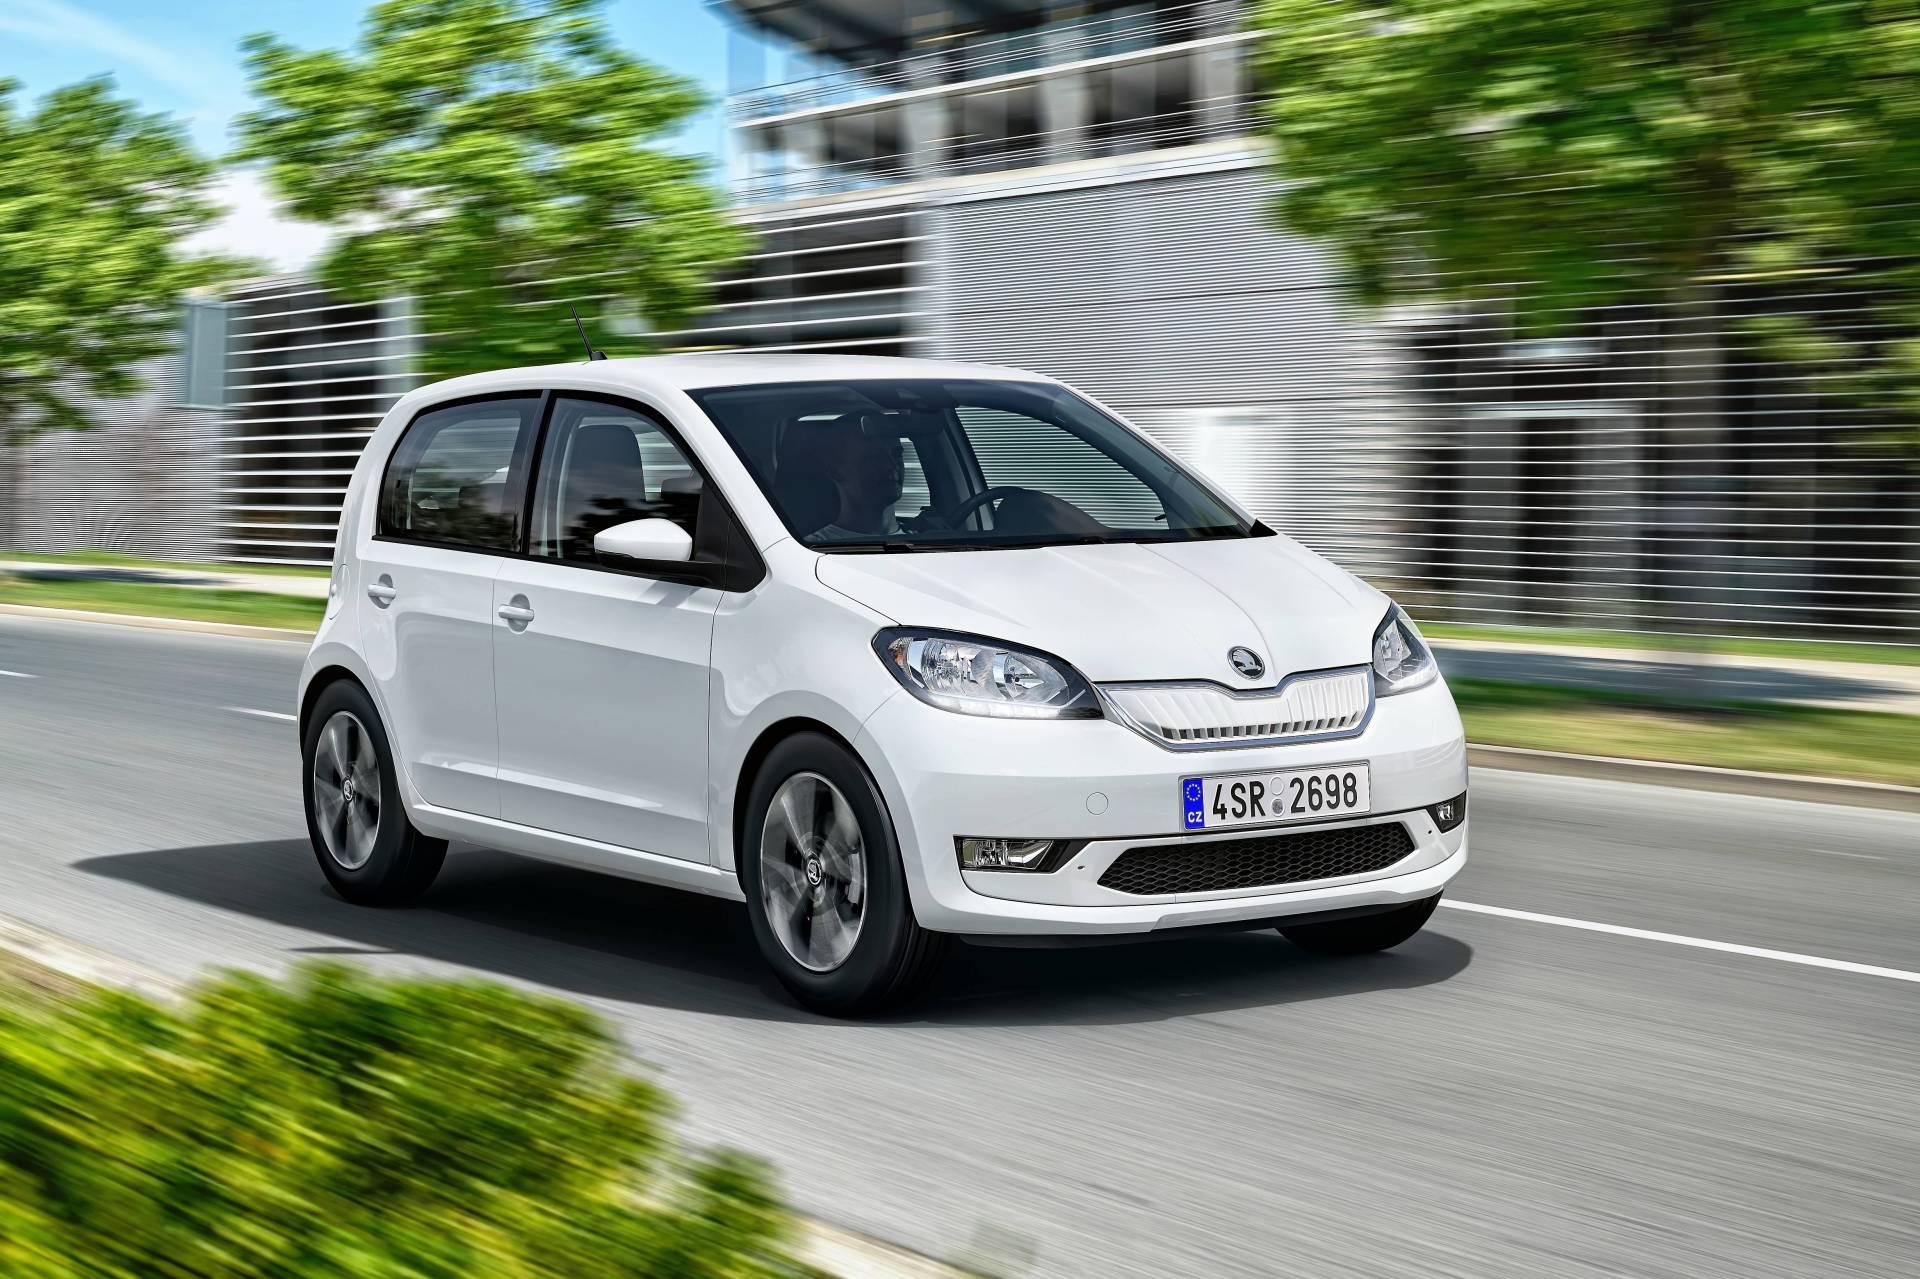 Од 1 јули електричните автомобили ќе звучат како ладилници